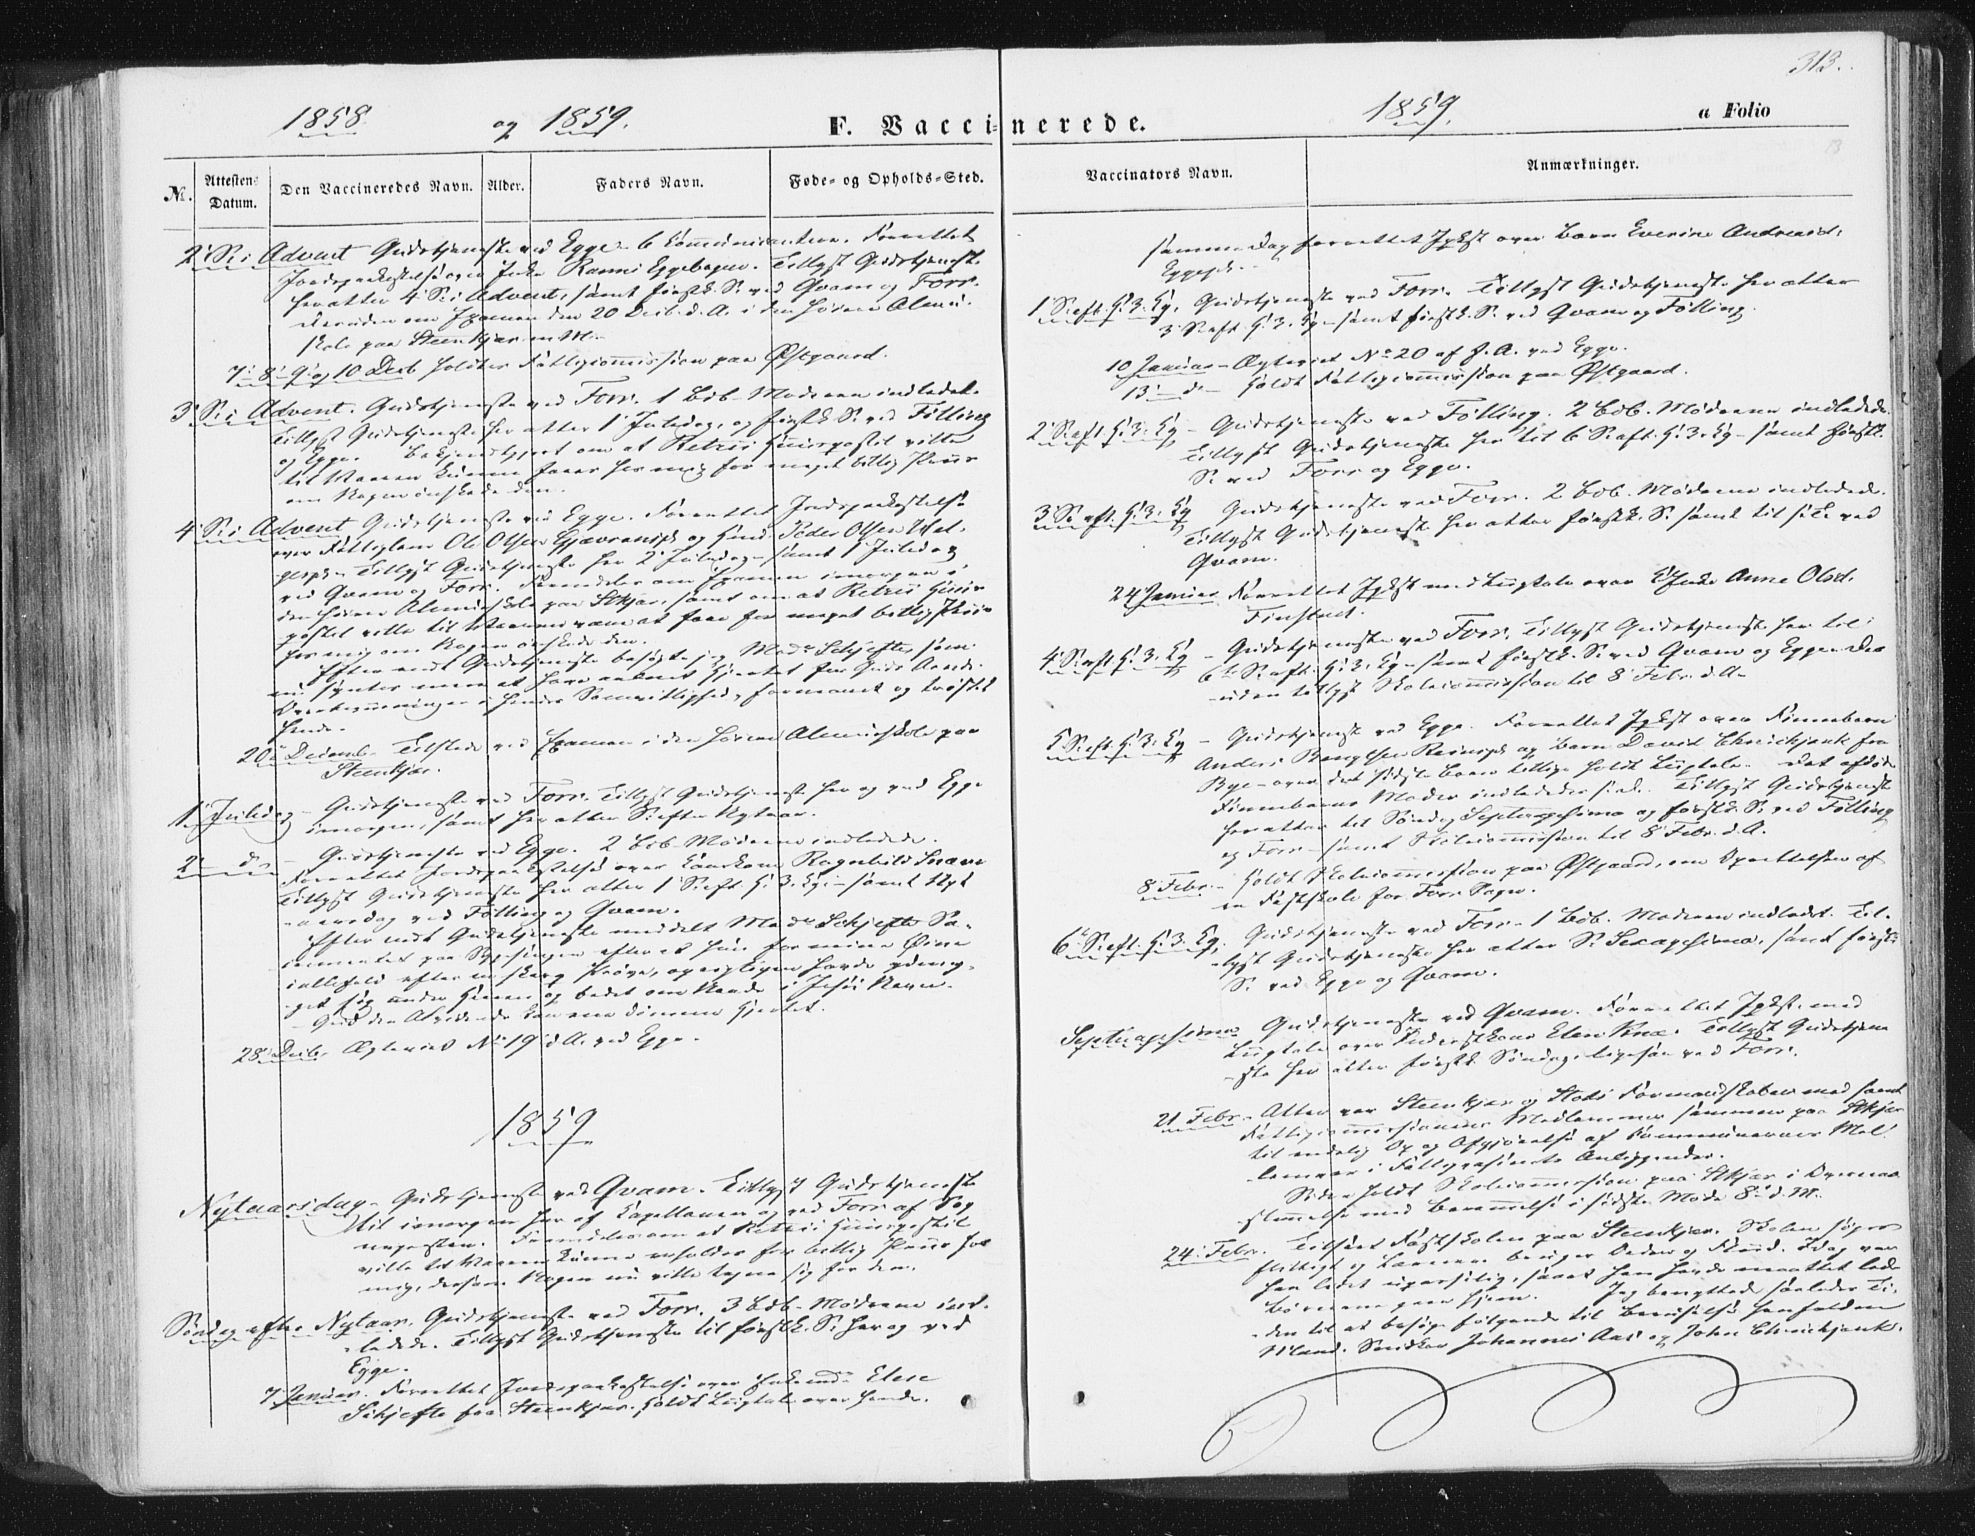 SAT, Ministerialprotokoller, klokkerbøker og fødselsregistre - Nord-Trøndelag, 746/L0446: Ministerialbok nr. 746A05, 1846-1859, s. 313